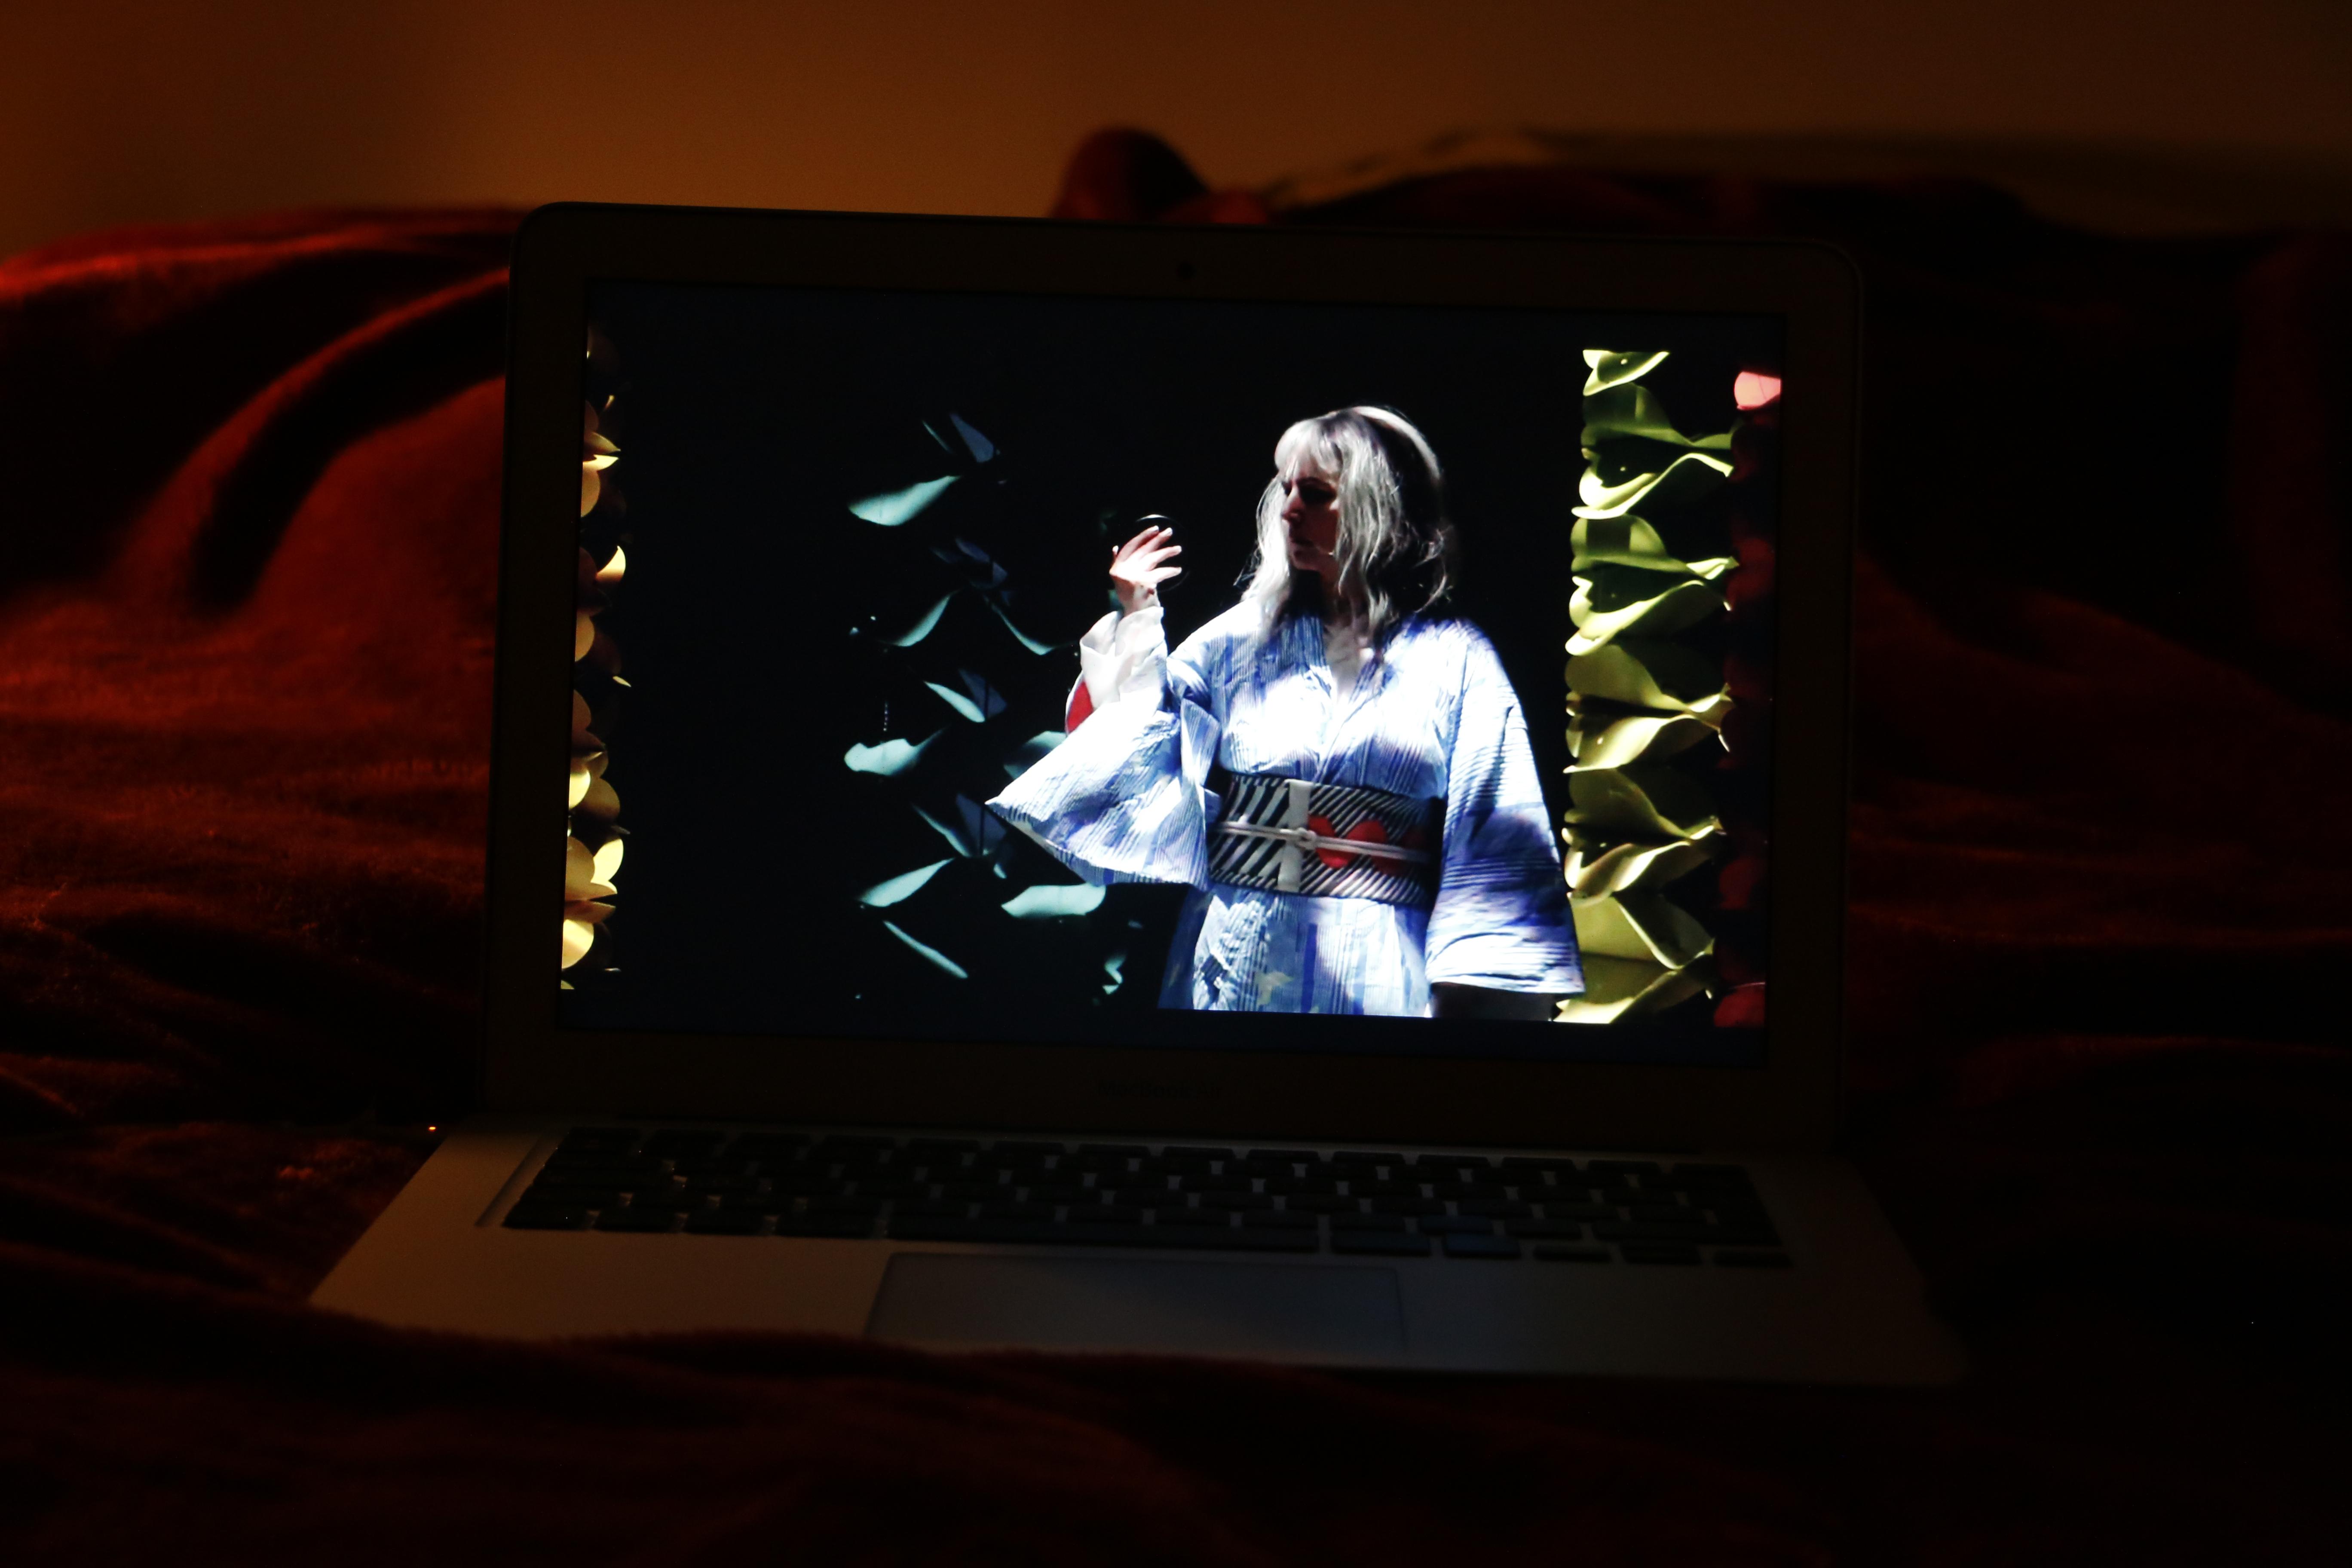 Visionnage d'un opéra du théâtre de la Monnaie sur un ordinateur.